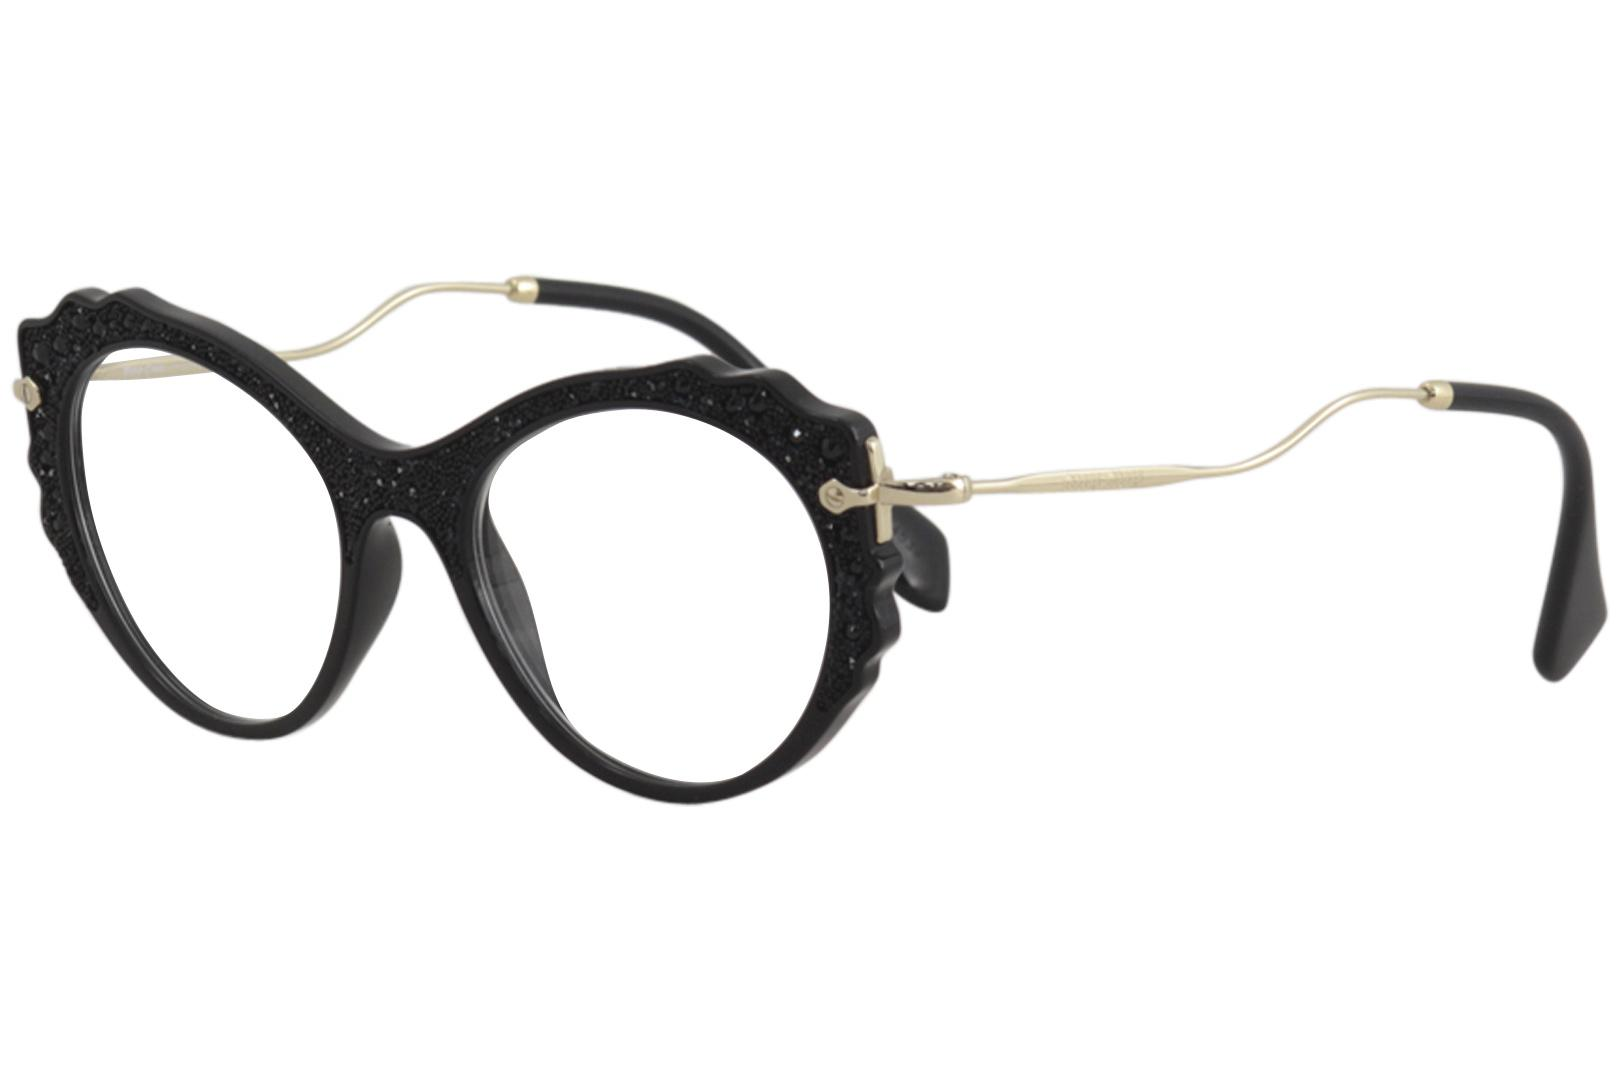 caed7a4017d1 Miu Miu Women s Eyeglasses MU01PV MU 01 PV Full Rim Optical Frame by Miu Miu